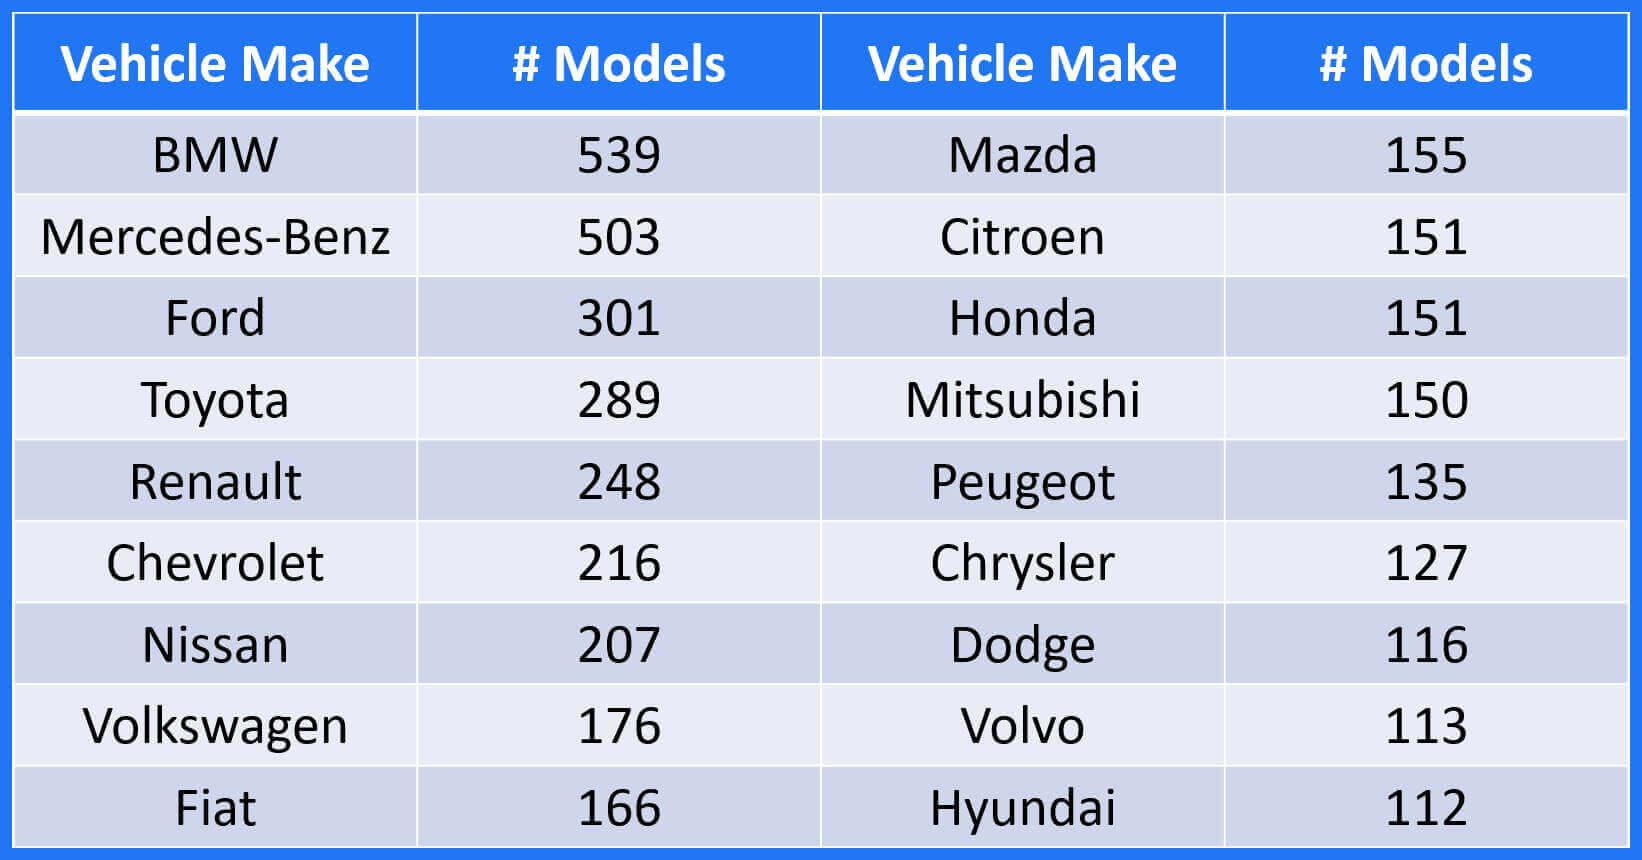 VMMR Vehicle Make Models Global